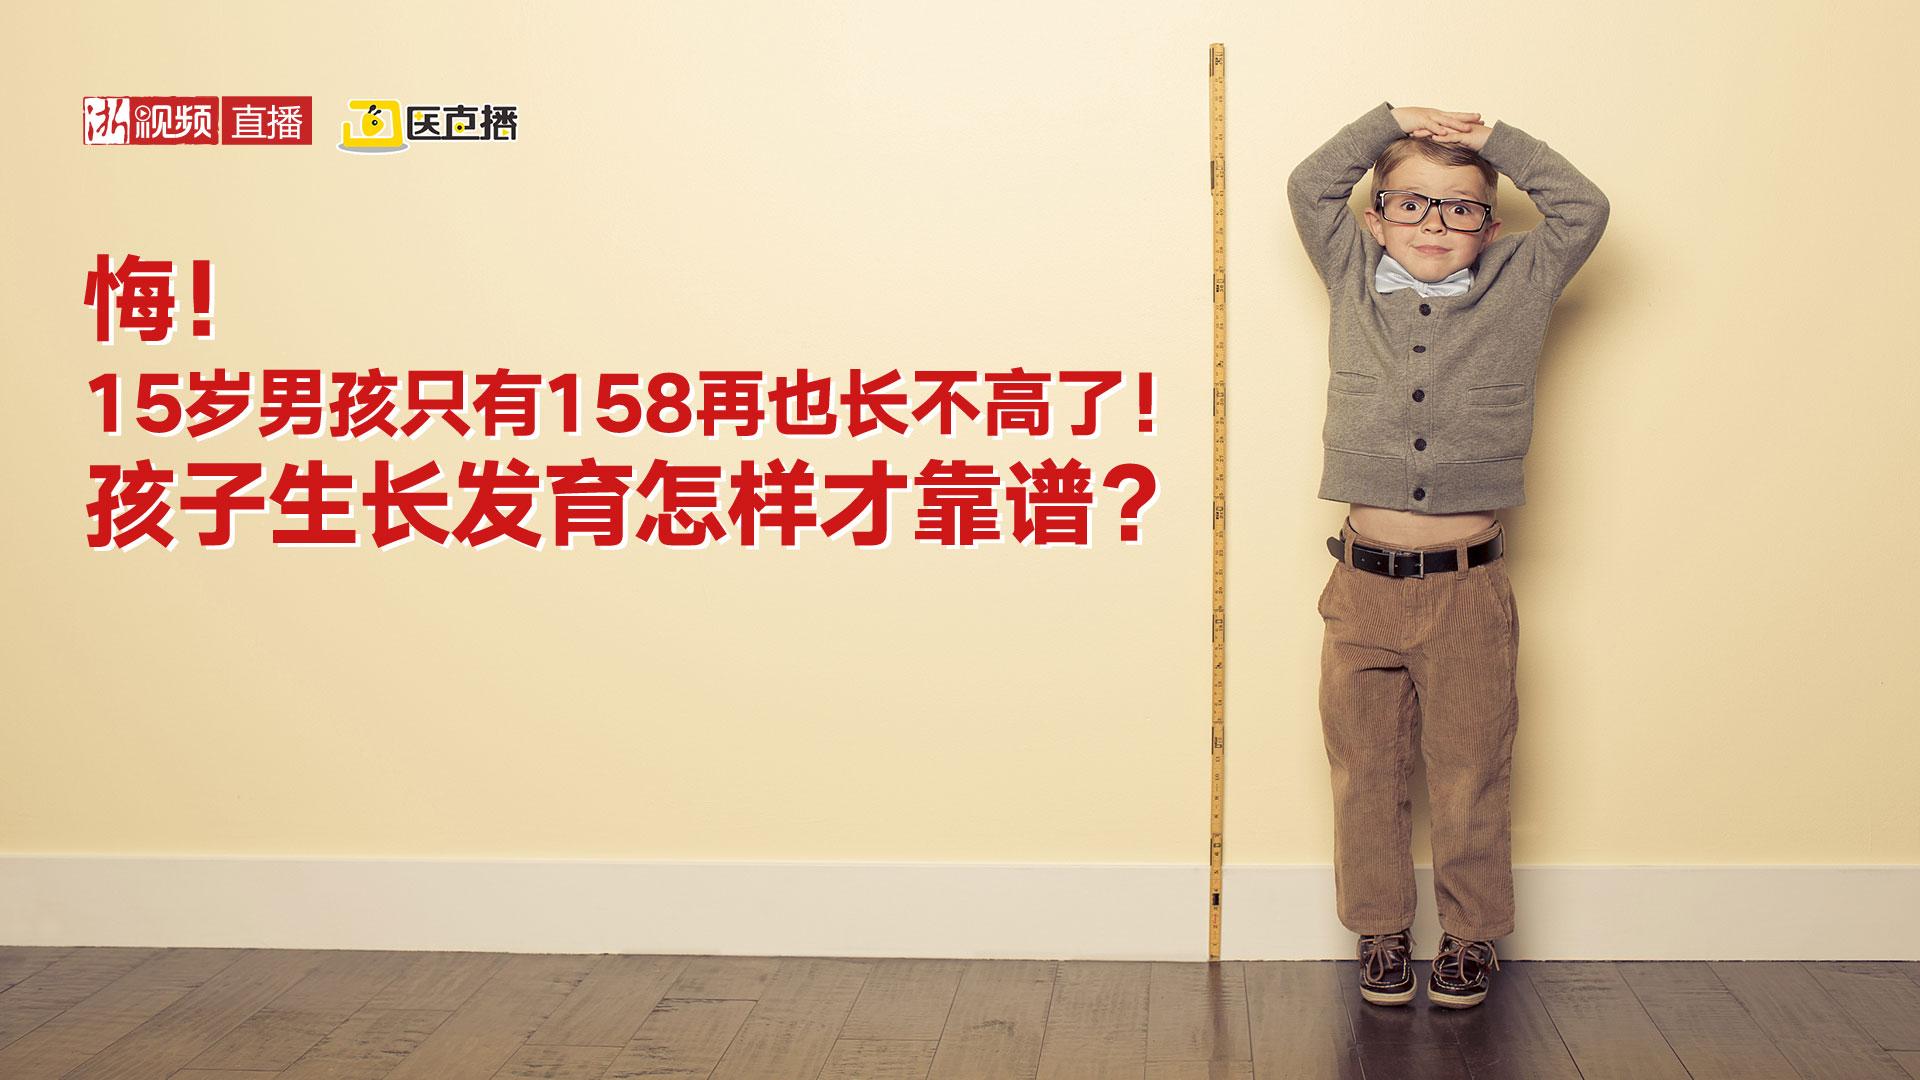 15岁男孩为啥1.58米就不长了 孩子长高怎么做?